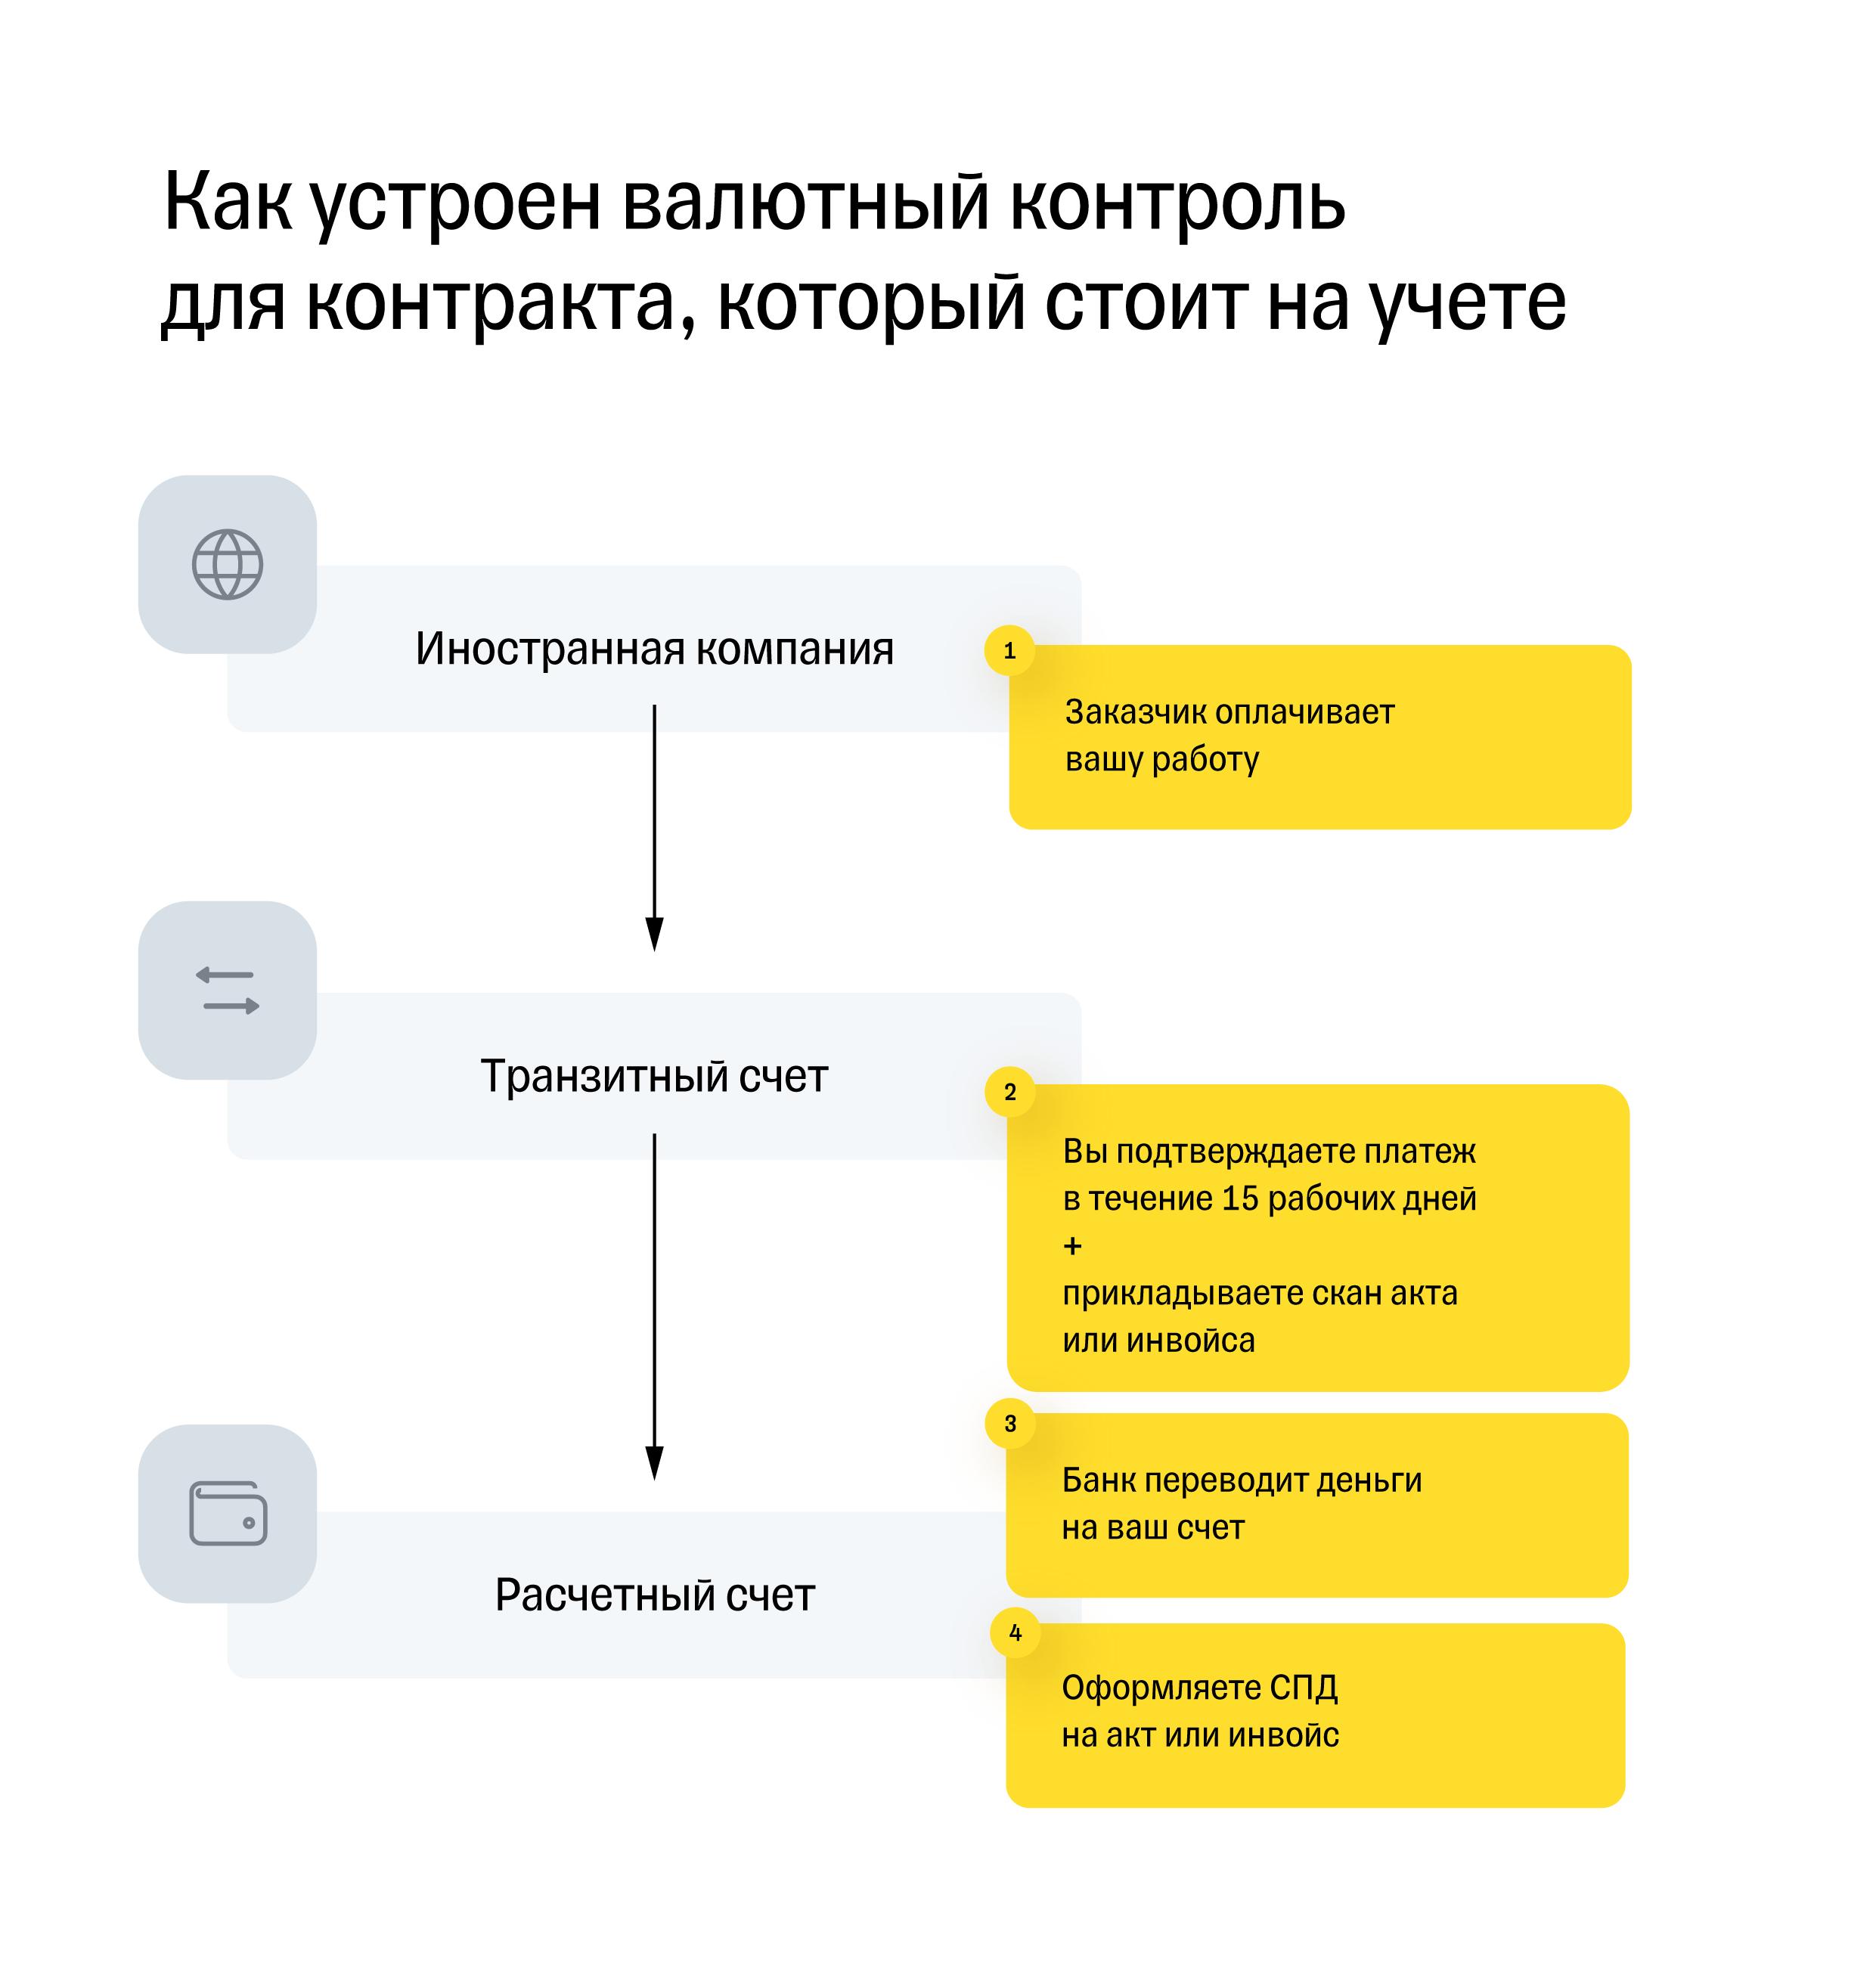 Схема валютного контроля для платежей по контракту, который стоит на учете